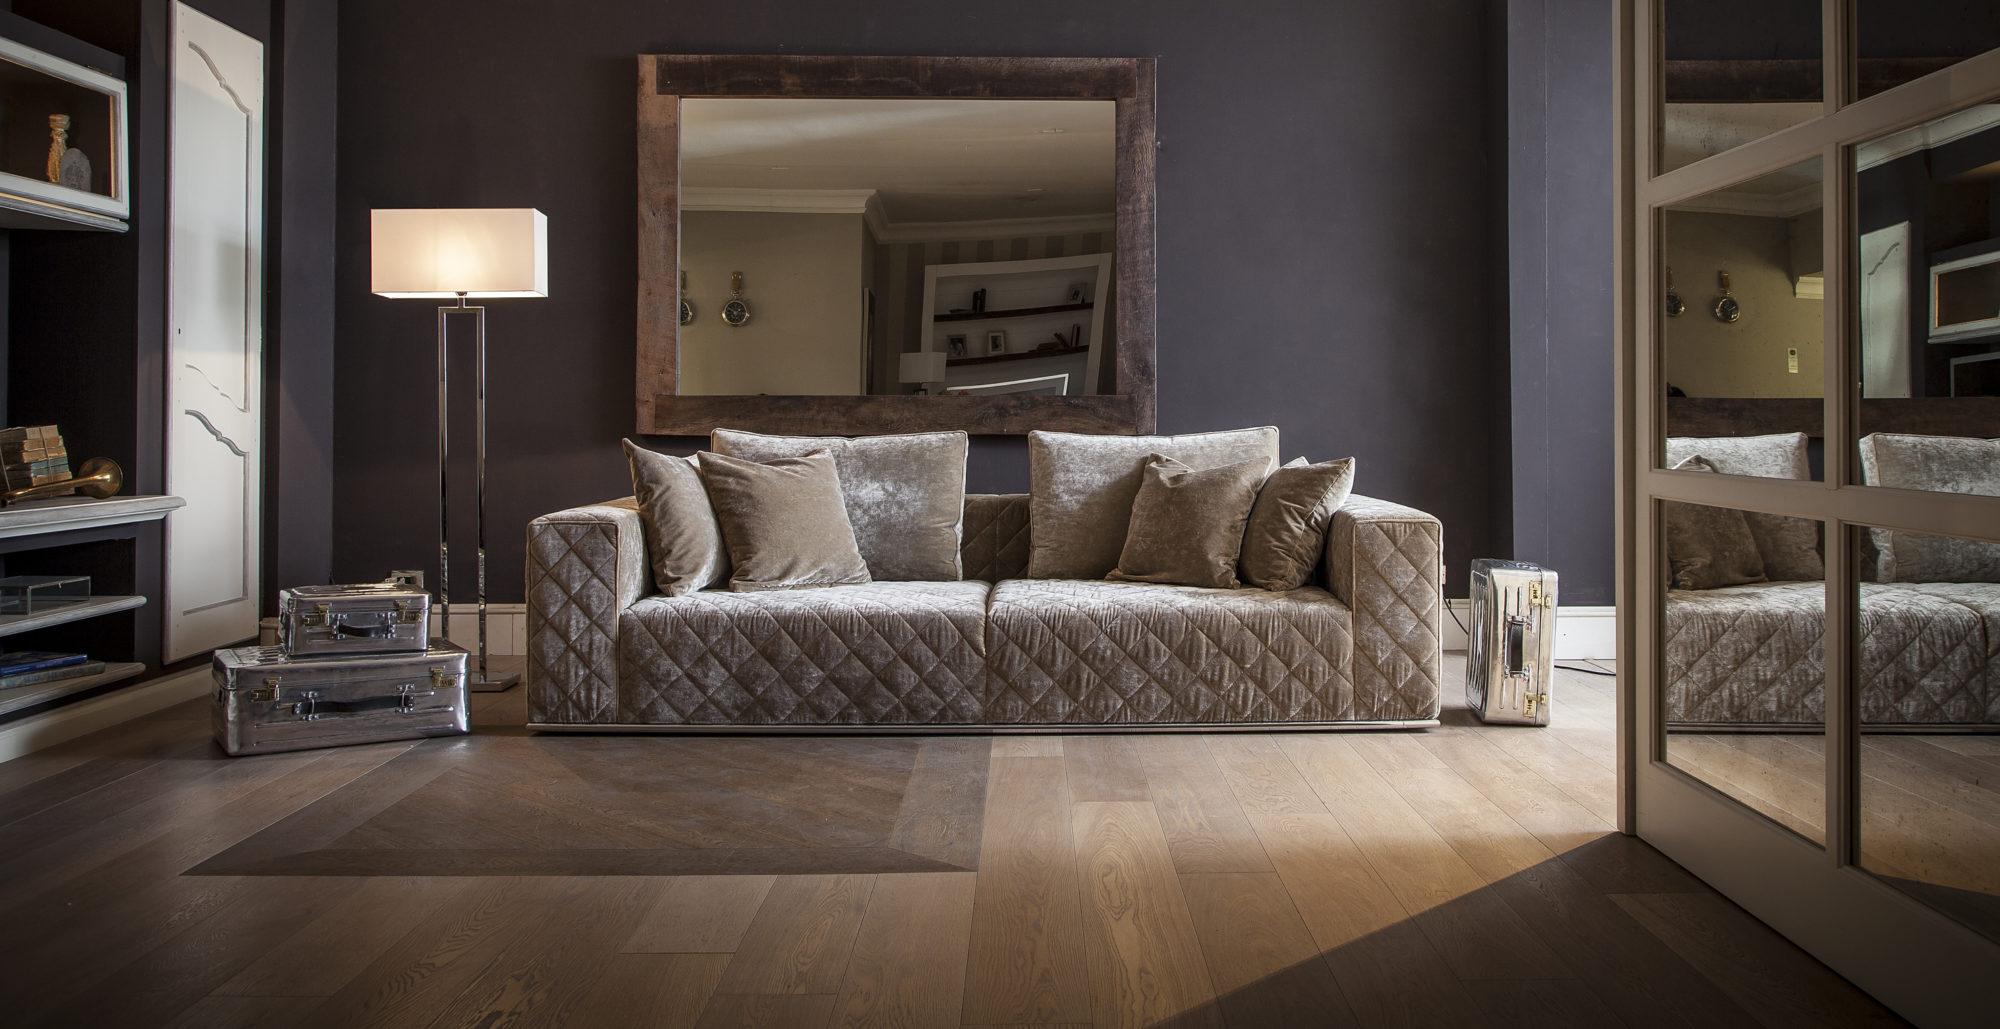 Quanto costa tappezzare un divano cheap quanto costa - Tappezzare divano ...